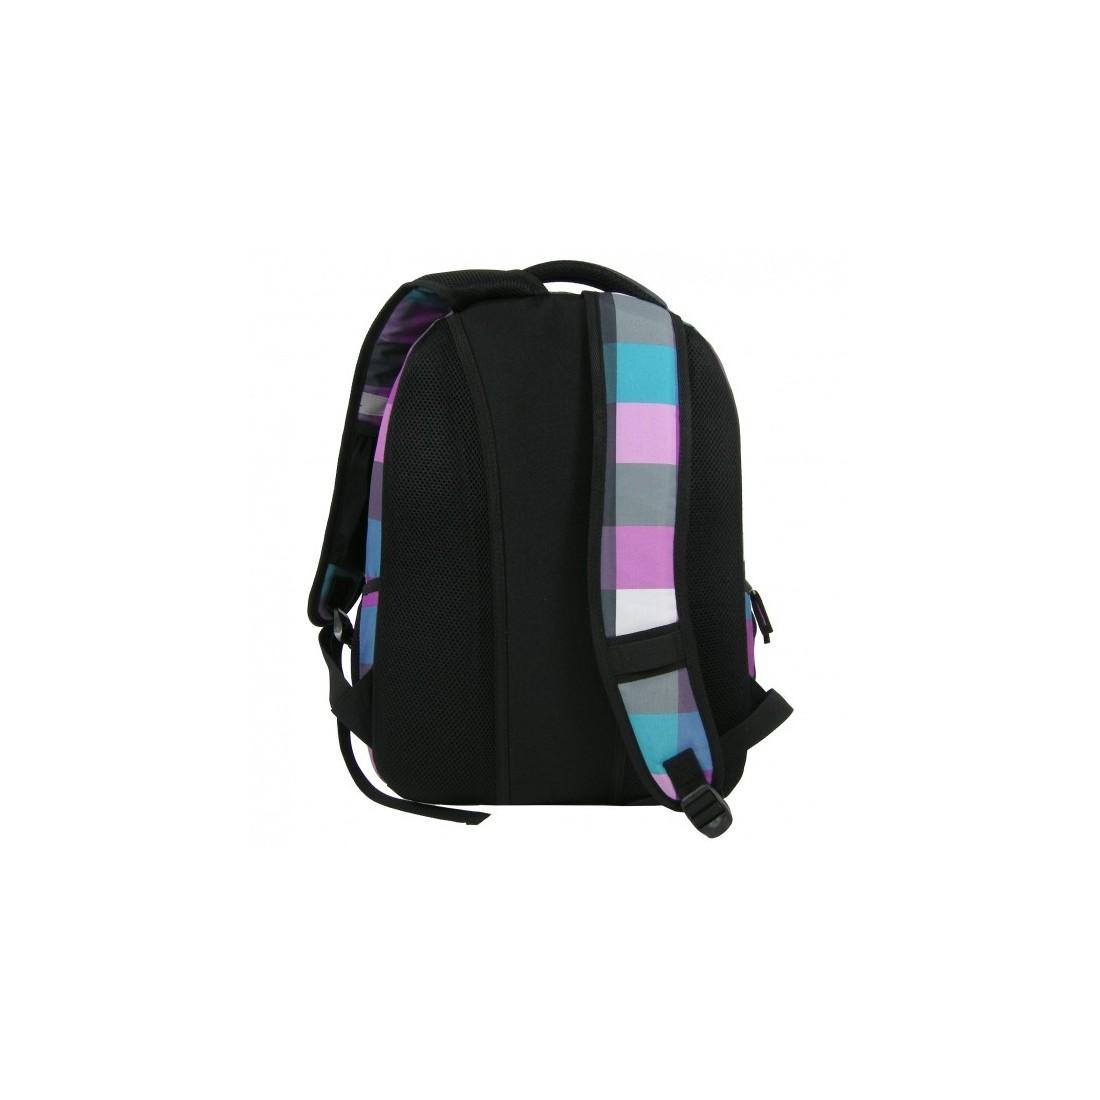 Plecak młodzieżowy w fioletowo niebieską kratę - plecak-tornister.pl